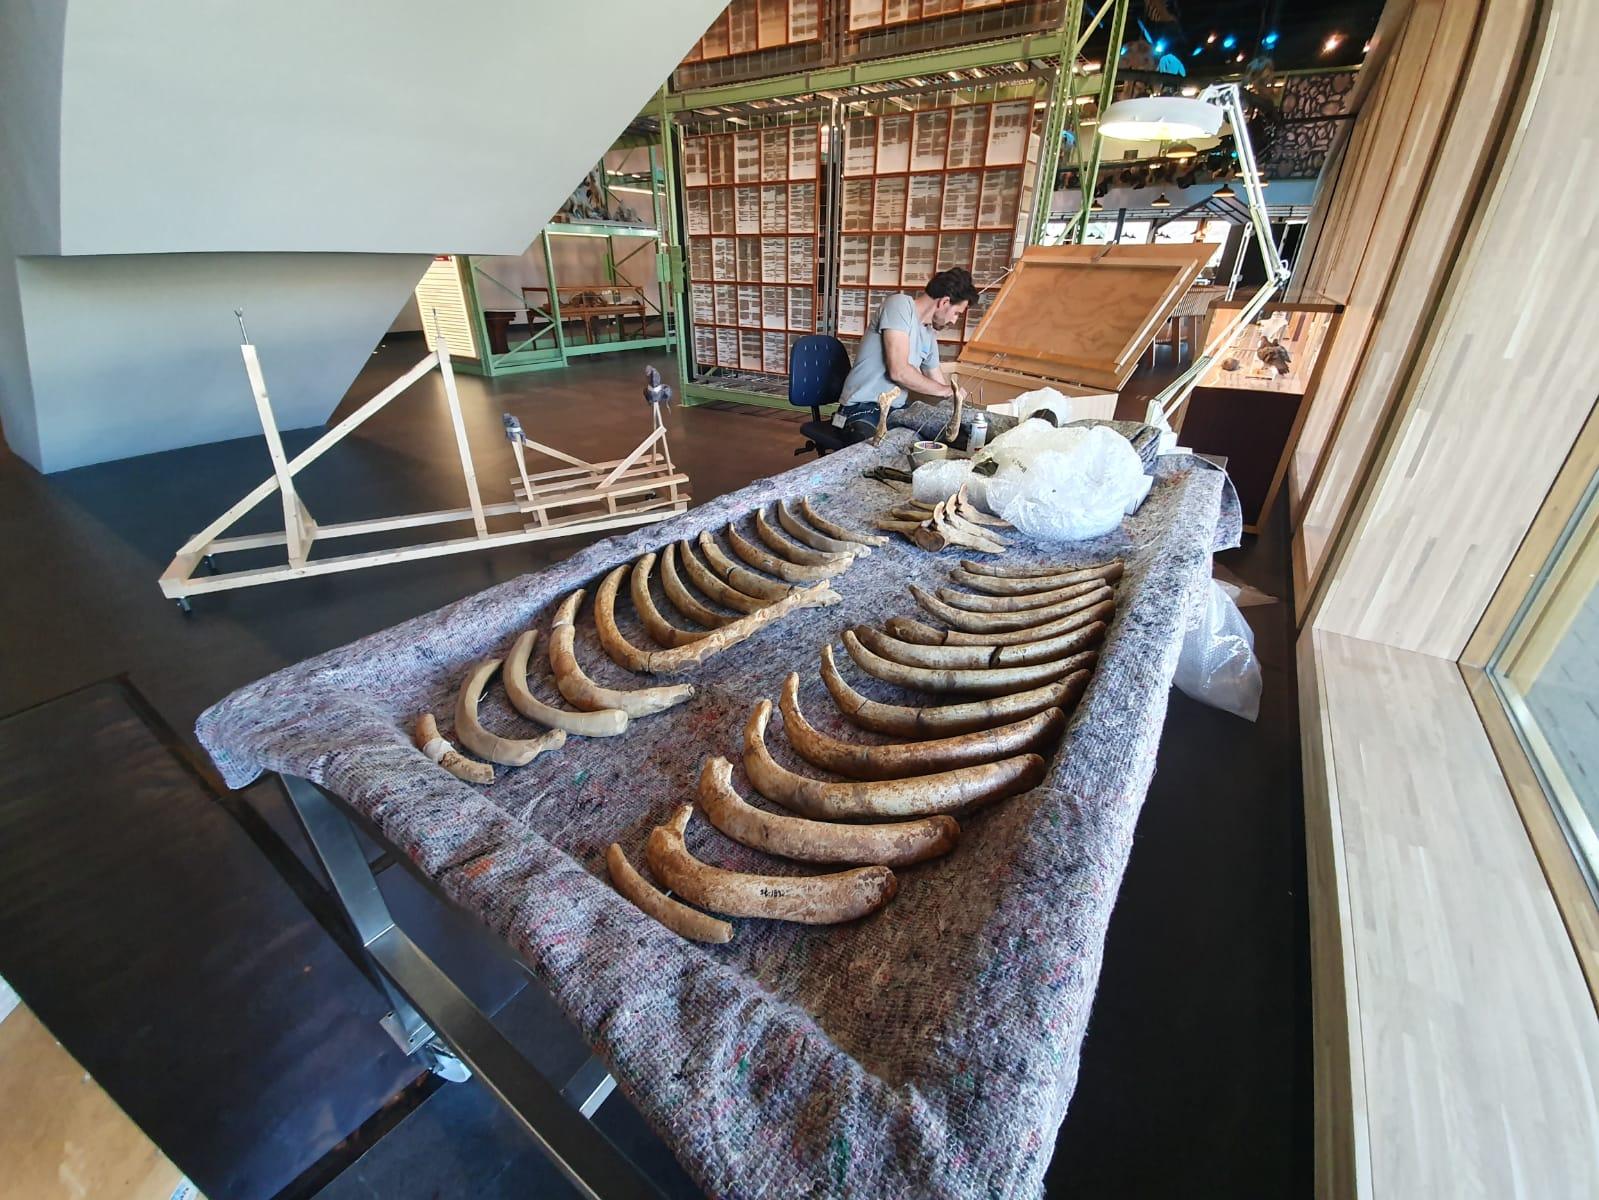 Fossielen & Dinosauriërs | Restauratie fossiele Zeekoe (tijdens restauratie) | Naturalis Biodiversity Center